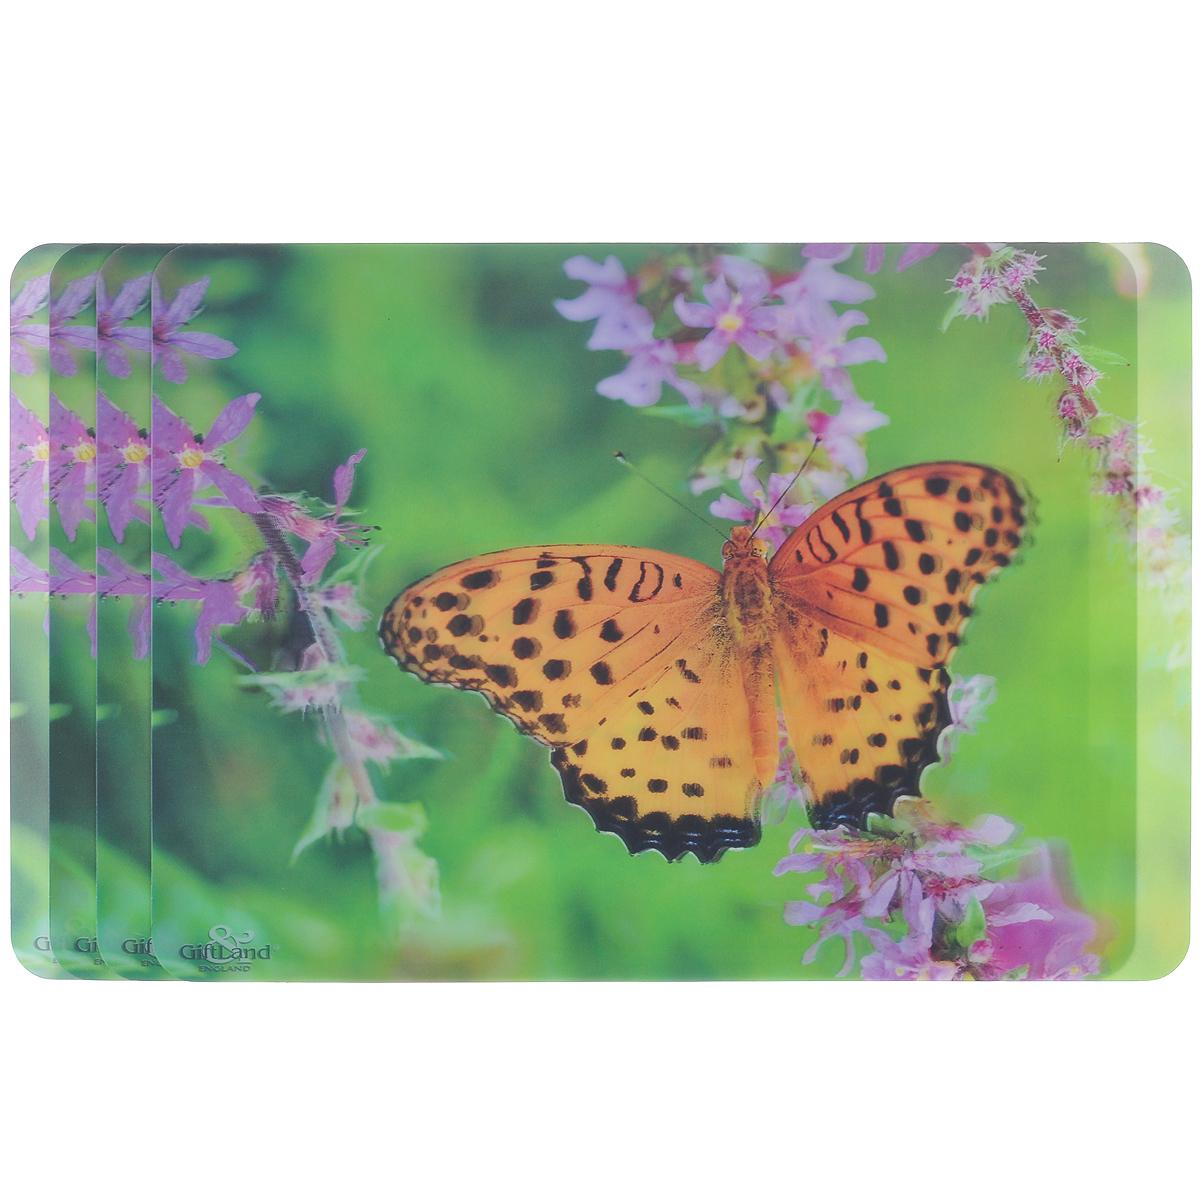 Набор сервировочных салфеток 3D GiftLand Рыжая бабочка, 34,5 см х 24,5 см, 4 шт3D-16 B OrangeНабор GiftLand Рыжая бабочка, изготовленный из полипропилена, состоит из четырех сервировочных салфеток с эффектом 3D. Такие салфетки - это отличная идея для сервировки! Салфетки декорированы ярким объемным изображением бабочки и цветов. Изделия защищают поверхность стола от воздействия температур, влаги и загрязнений, а также украшают интерьер. Могут использоваться для детского творчества (рисования, лепки из пластилина) в качестве защитного покрытия, подставки под вазы, кухонные приборы. Размер салфетки: 34,5 см х 24,5 см.